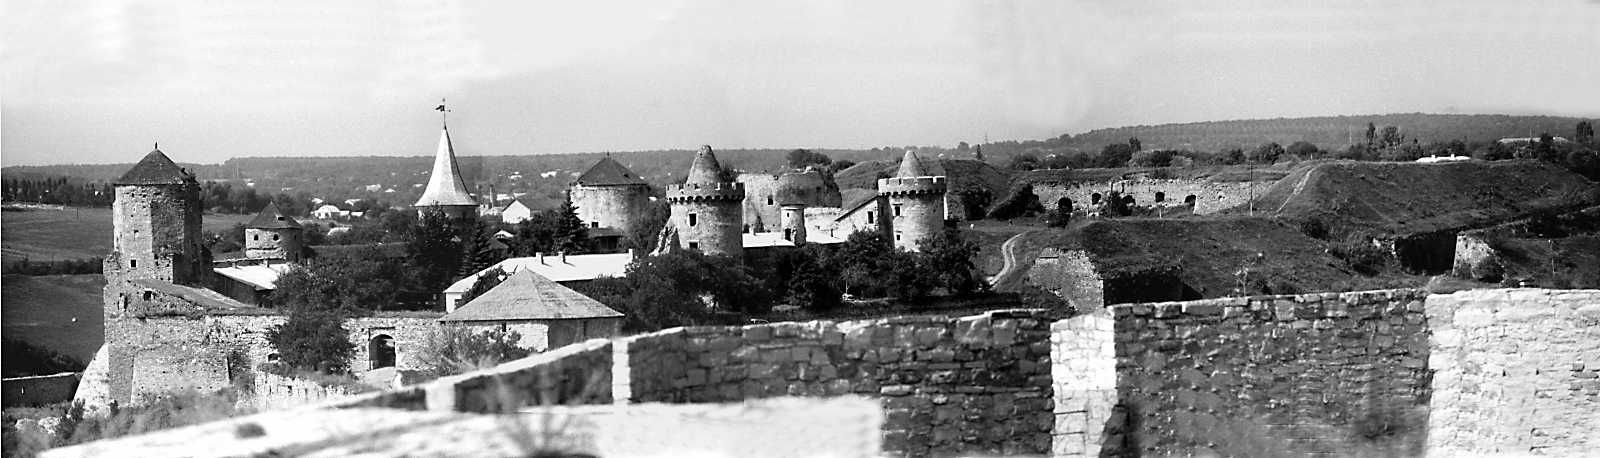 1989 р. Панорама Старого і Нового замків зі сходу, з Вірменського бастіону